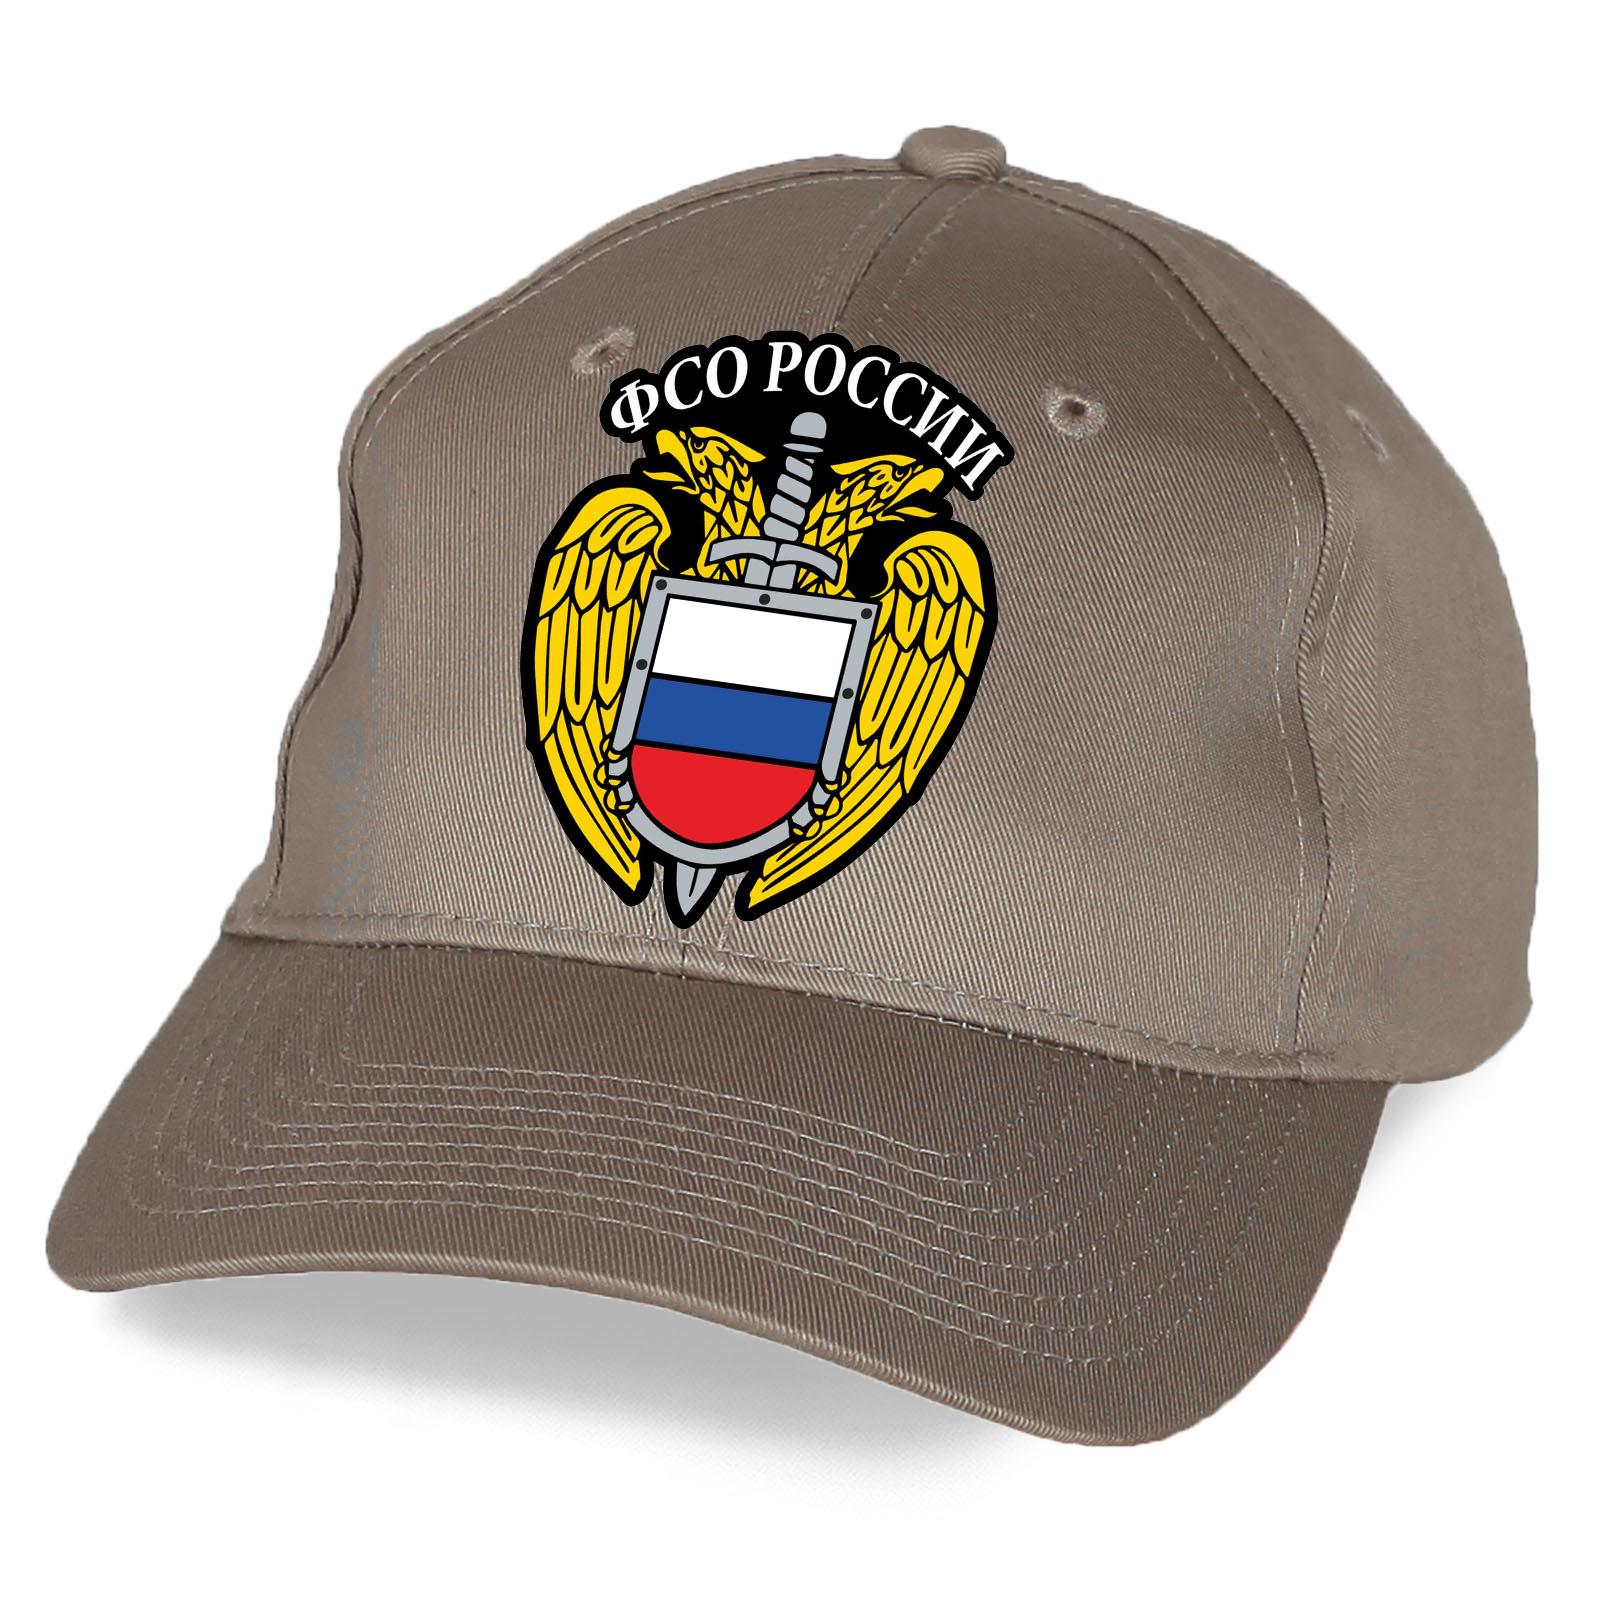 Демисезонная бежевая бейсболка Герб ФСО России.